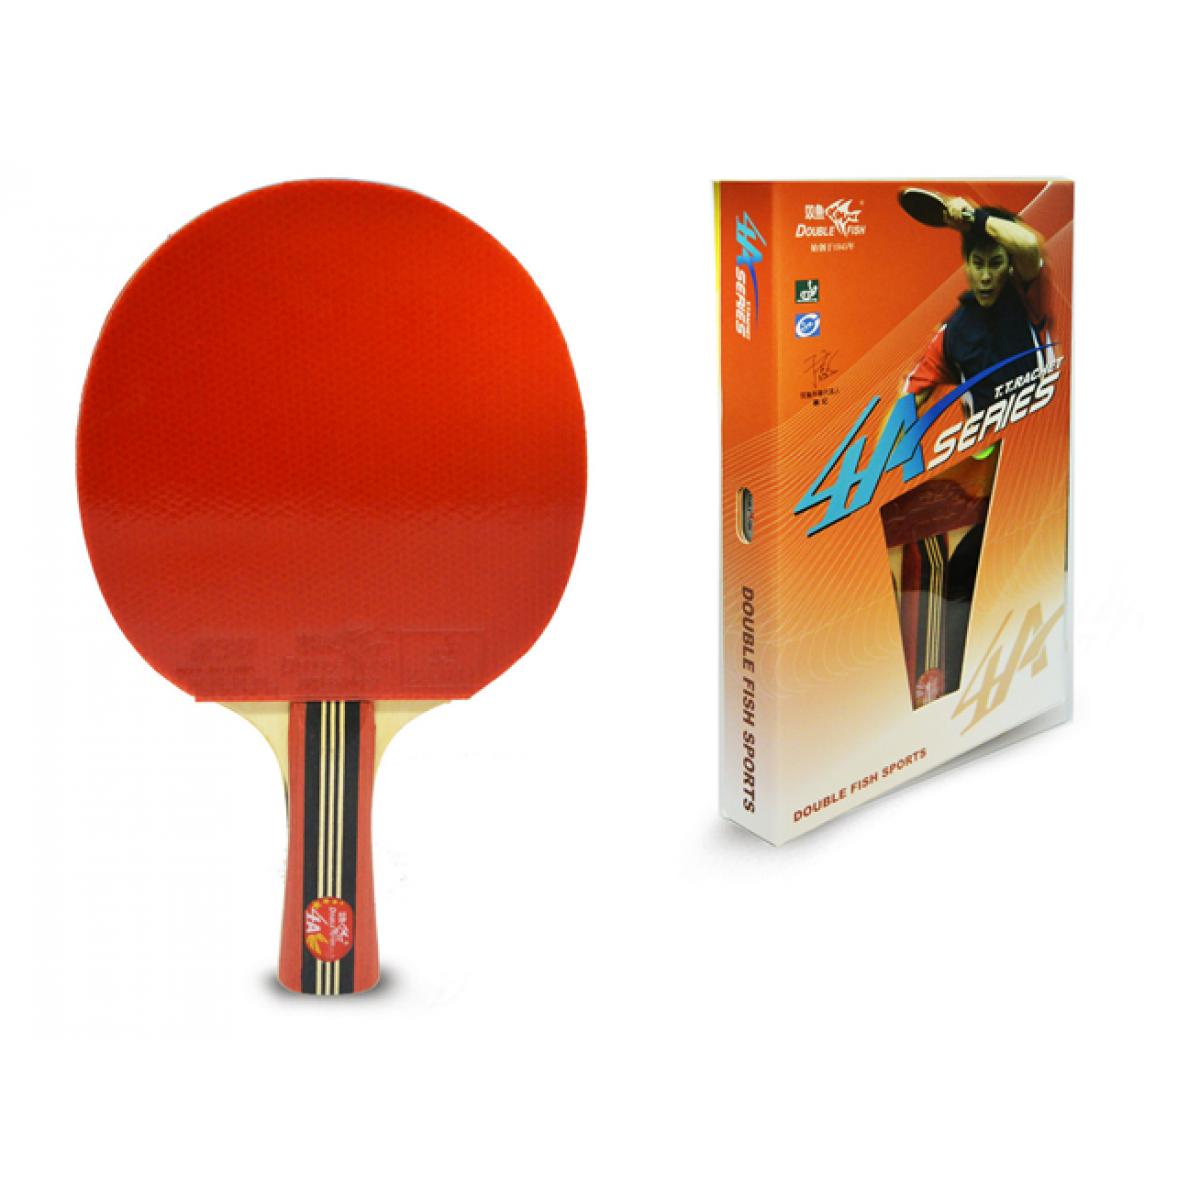 Ракетка для настольного тенниса Double Fish 4A SERIES